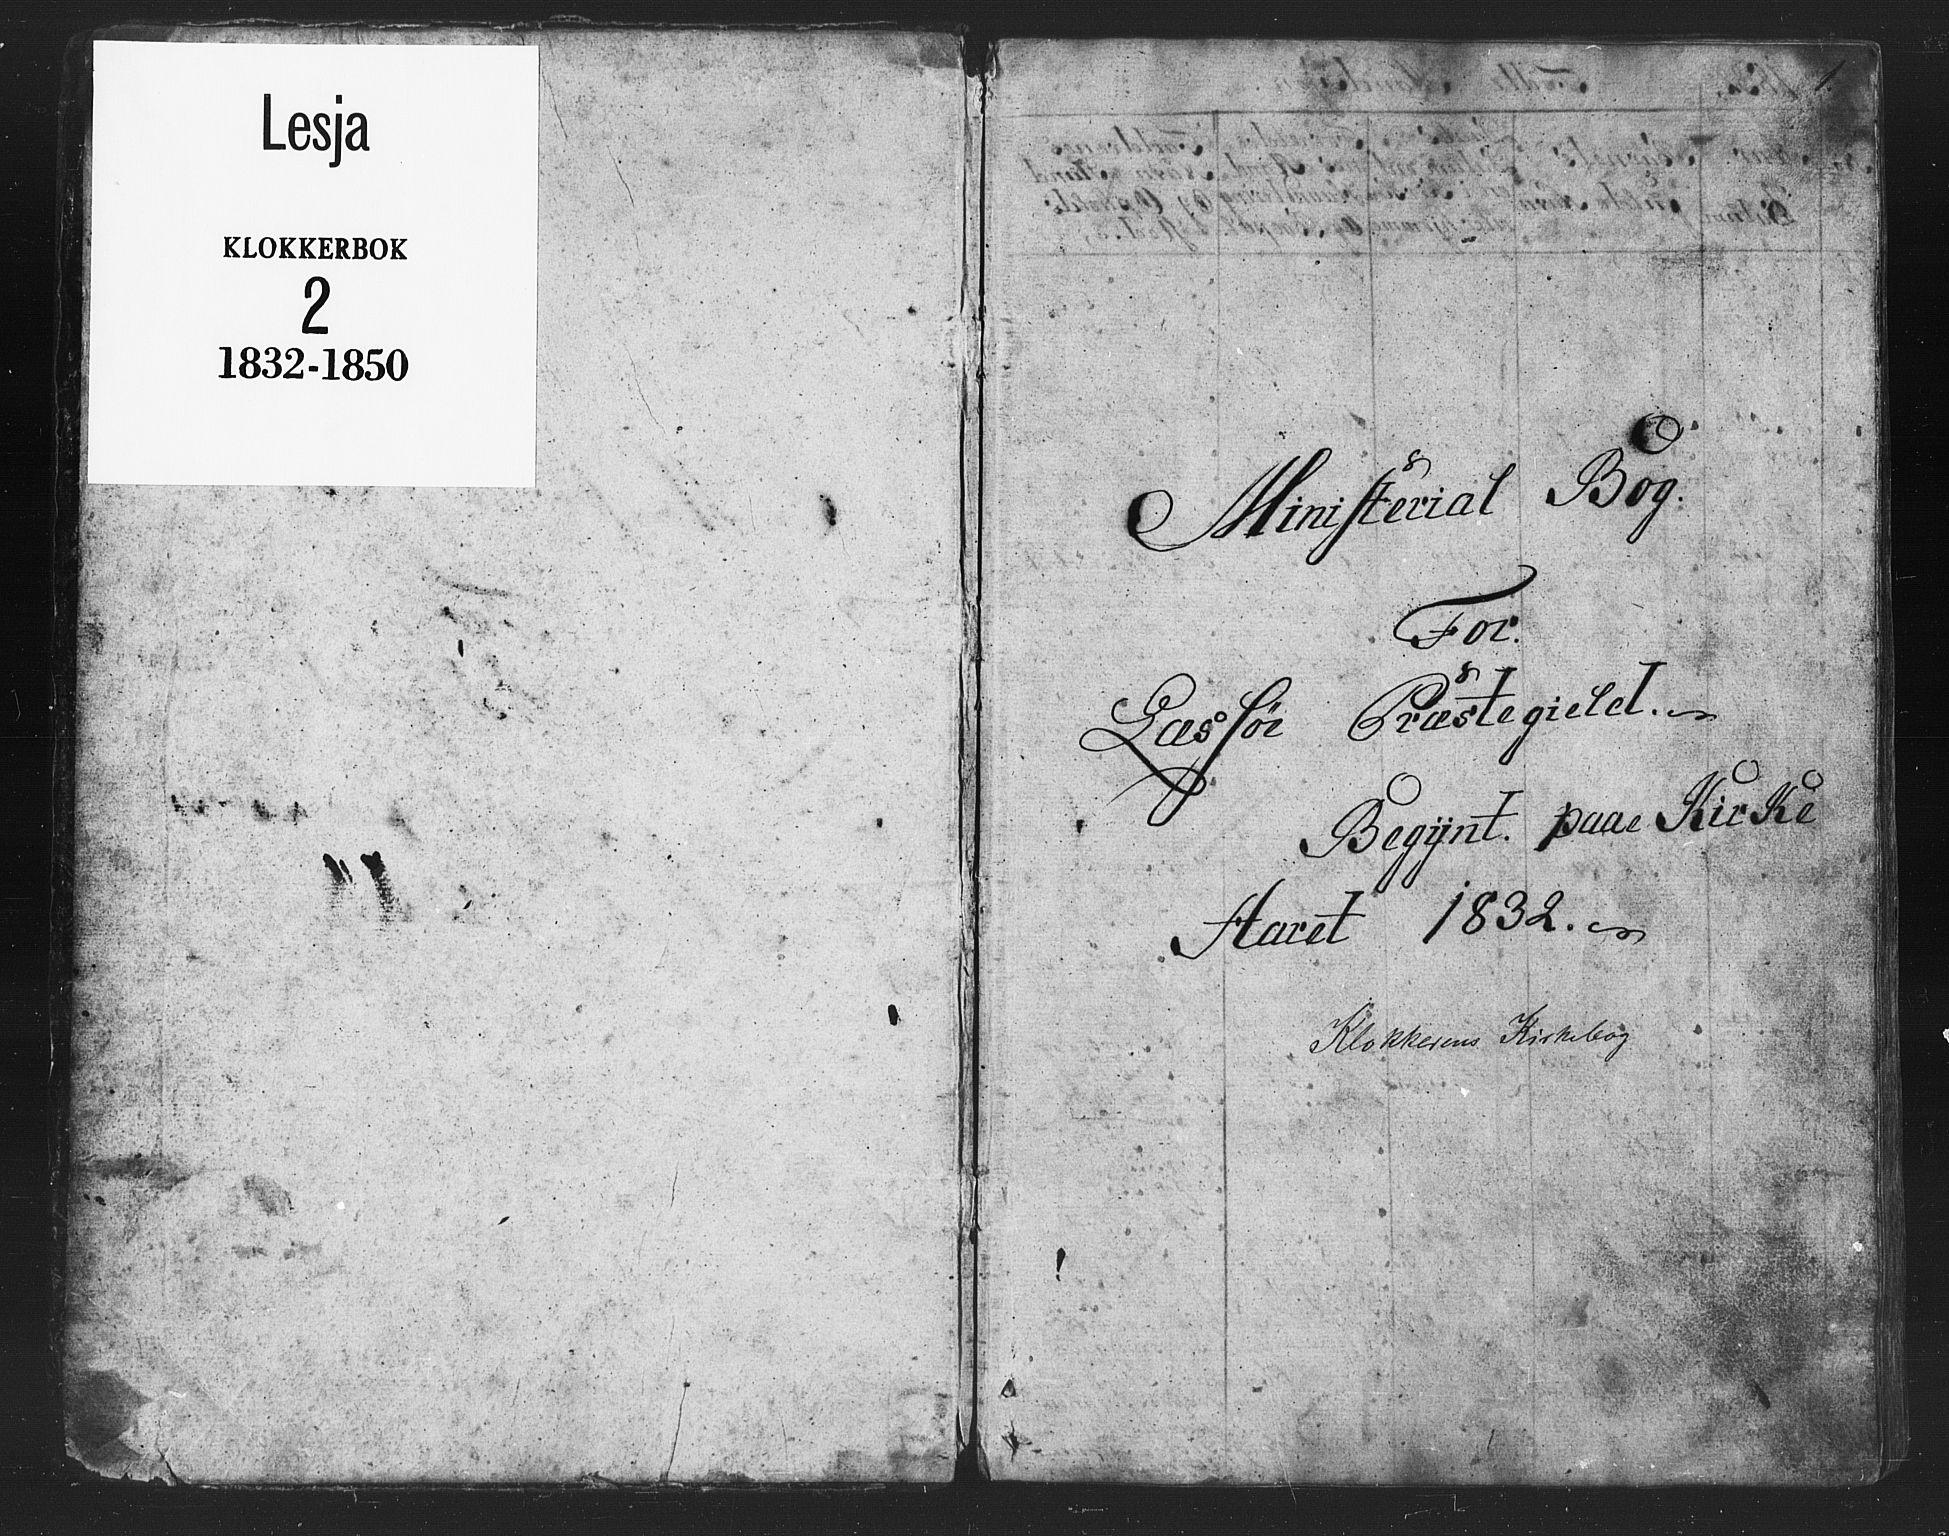 SAH, Lesja prestekontor, Parish register (copy) no. 2, 1832-1850, p. 1